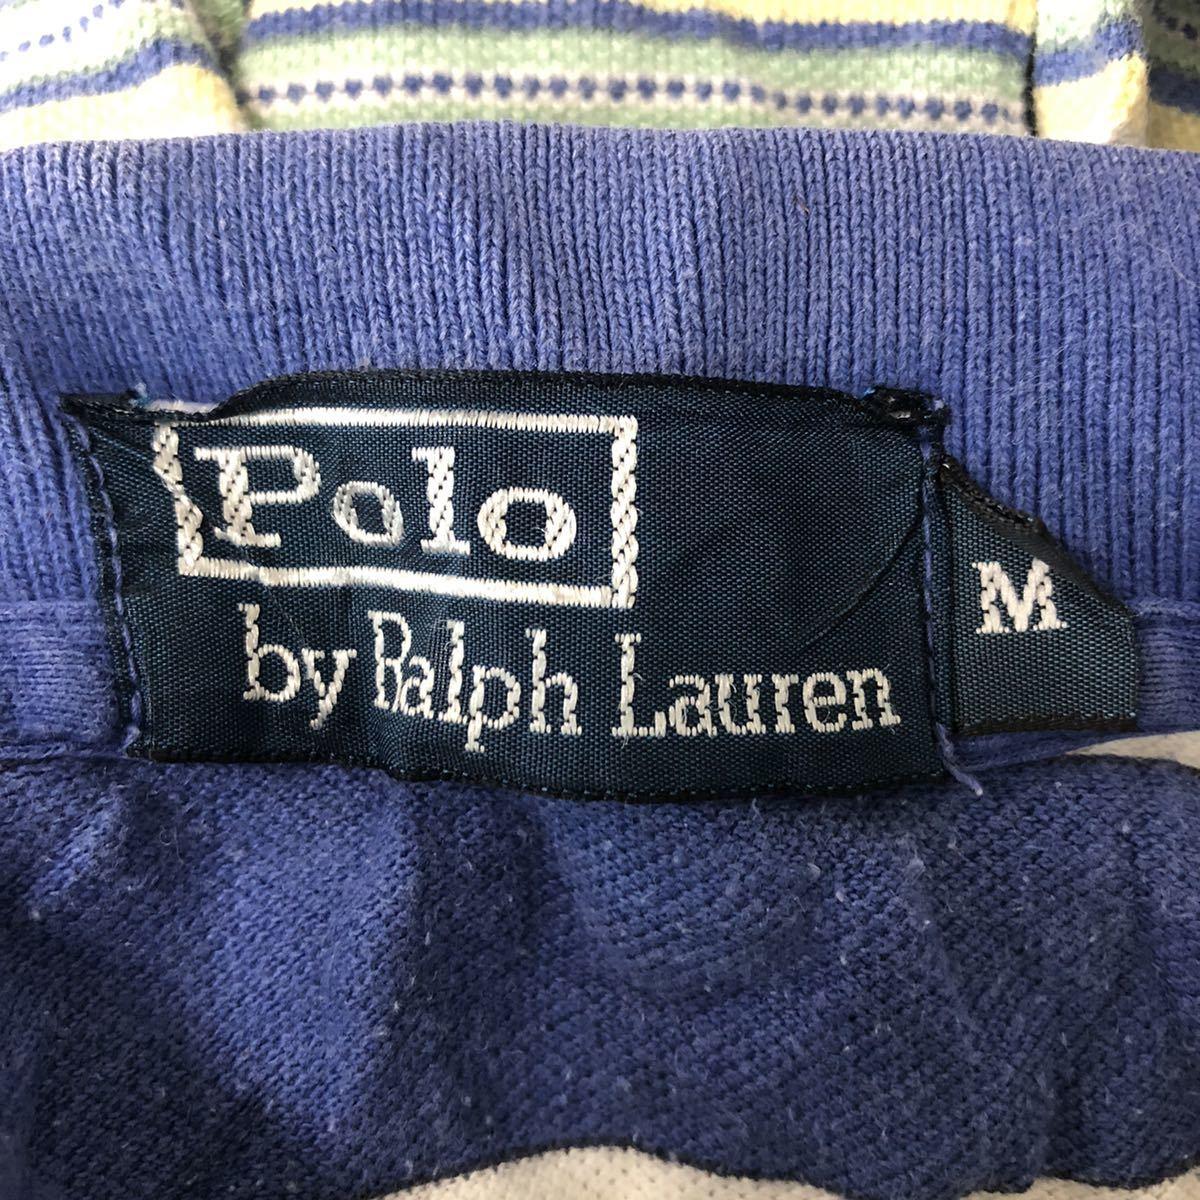 POLO by RALPH LAUREN ポロバイラルフローレン 半袖 ポロシャツ メンズM 太ボーダー ワンポイント刺繍ロゴ ポニー YT1684AY_画像5